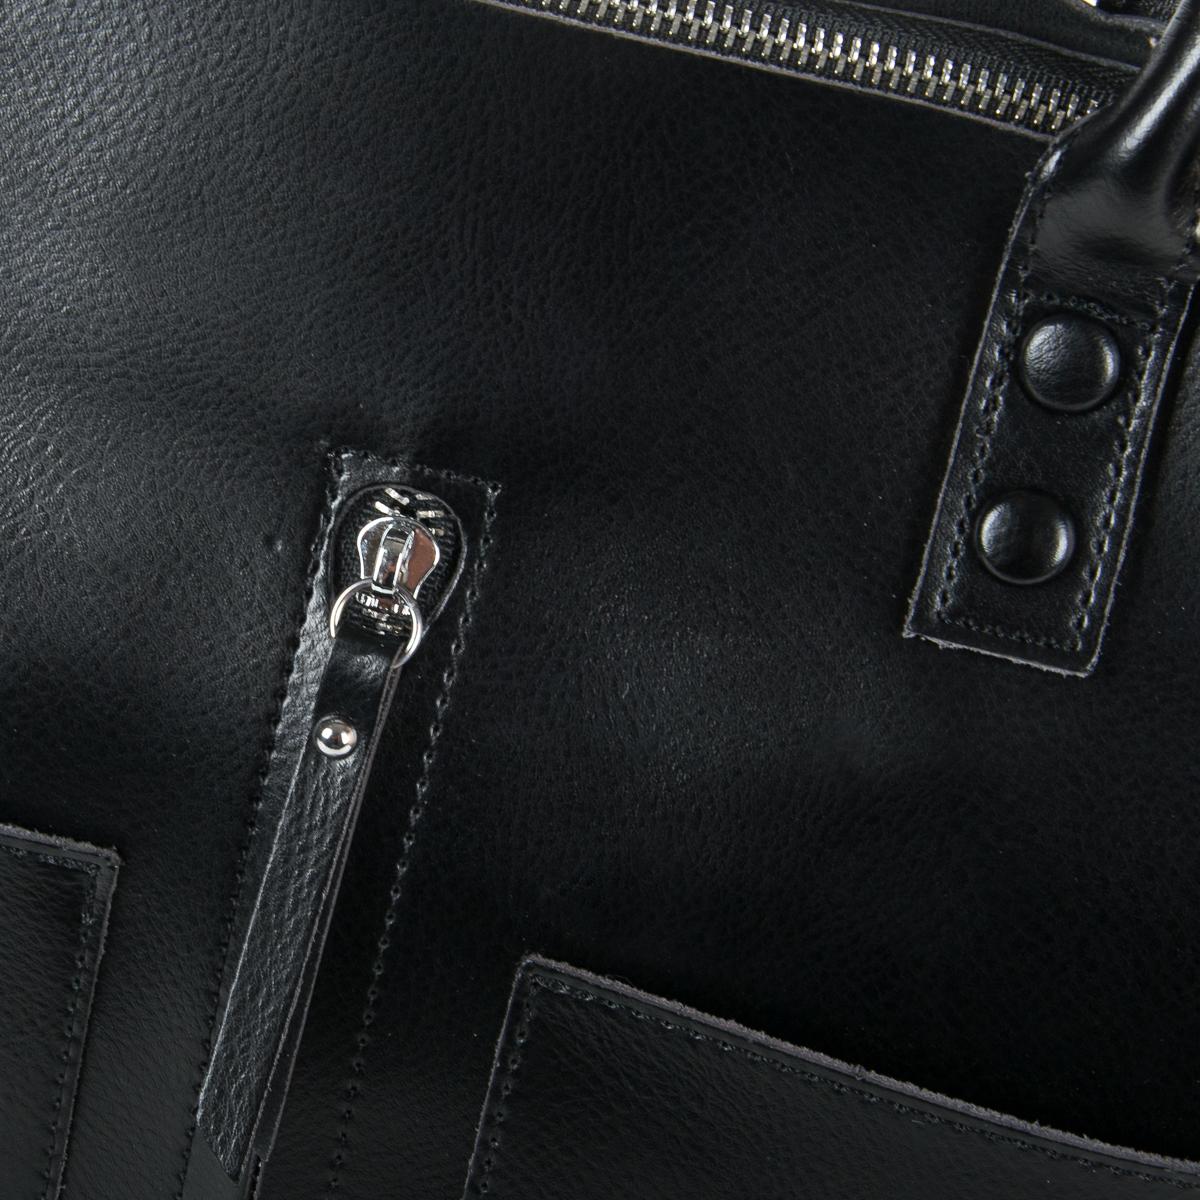 Сумка Женская Классическая кожа ALEX RAI 9-01 8776 black - фото 3